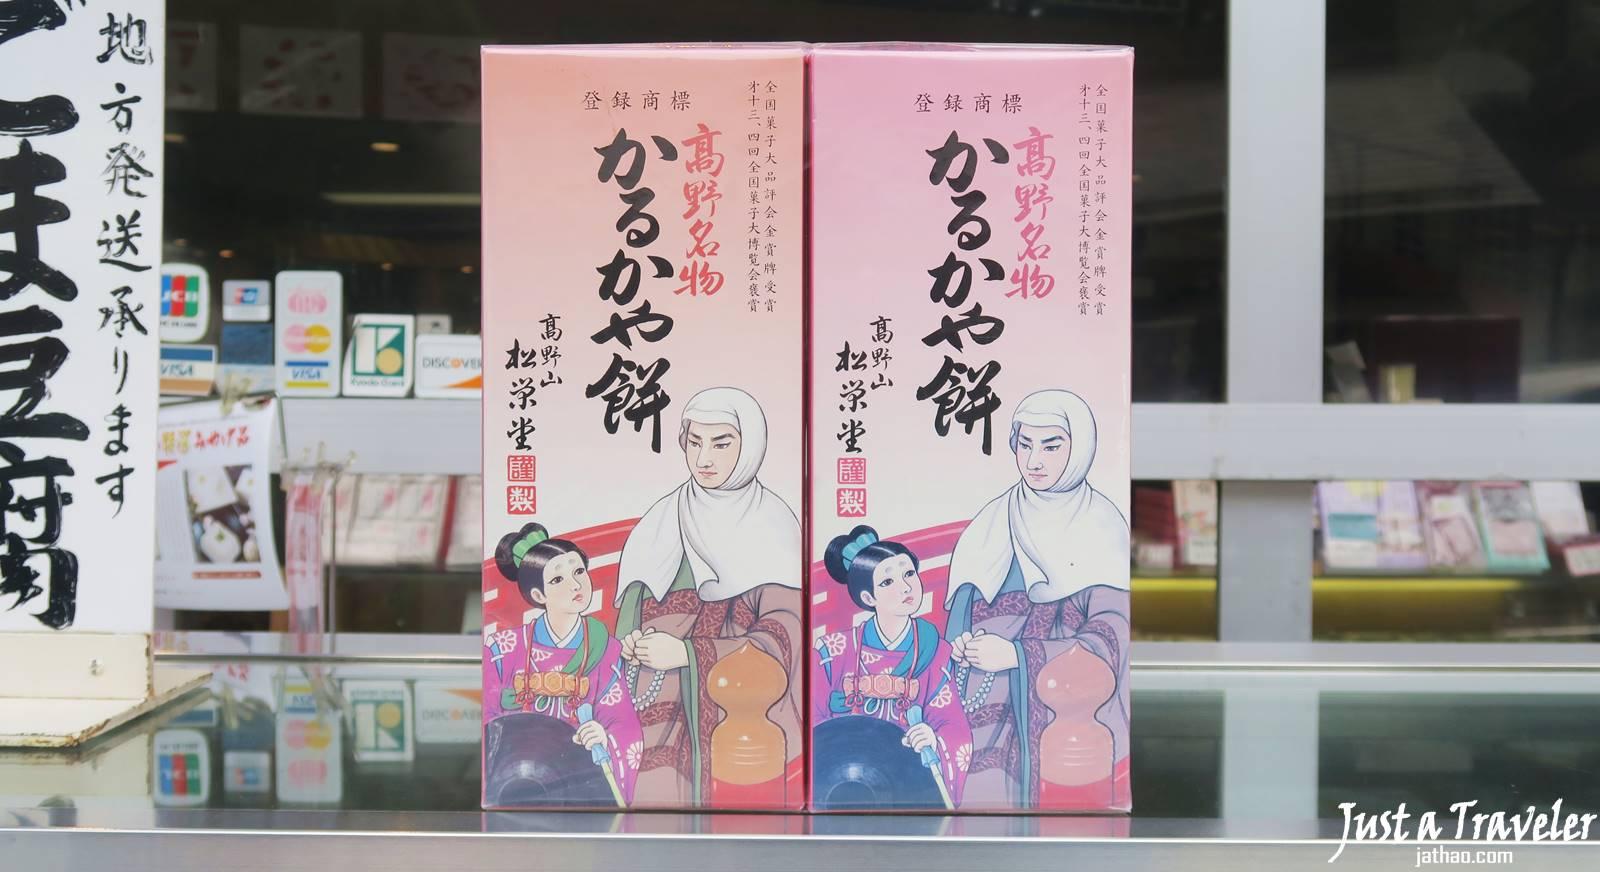 和歌山-高野山-名產-伴手禮-金剛峯寺-高野山景點-高野山交通-行程-攻略-一日遊-二日遊-自由行-旅遊-遊記-Koyasan-Travel-Japan-日本